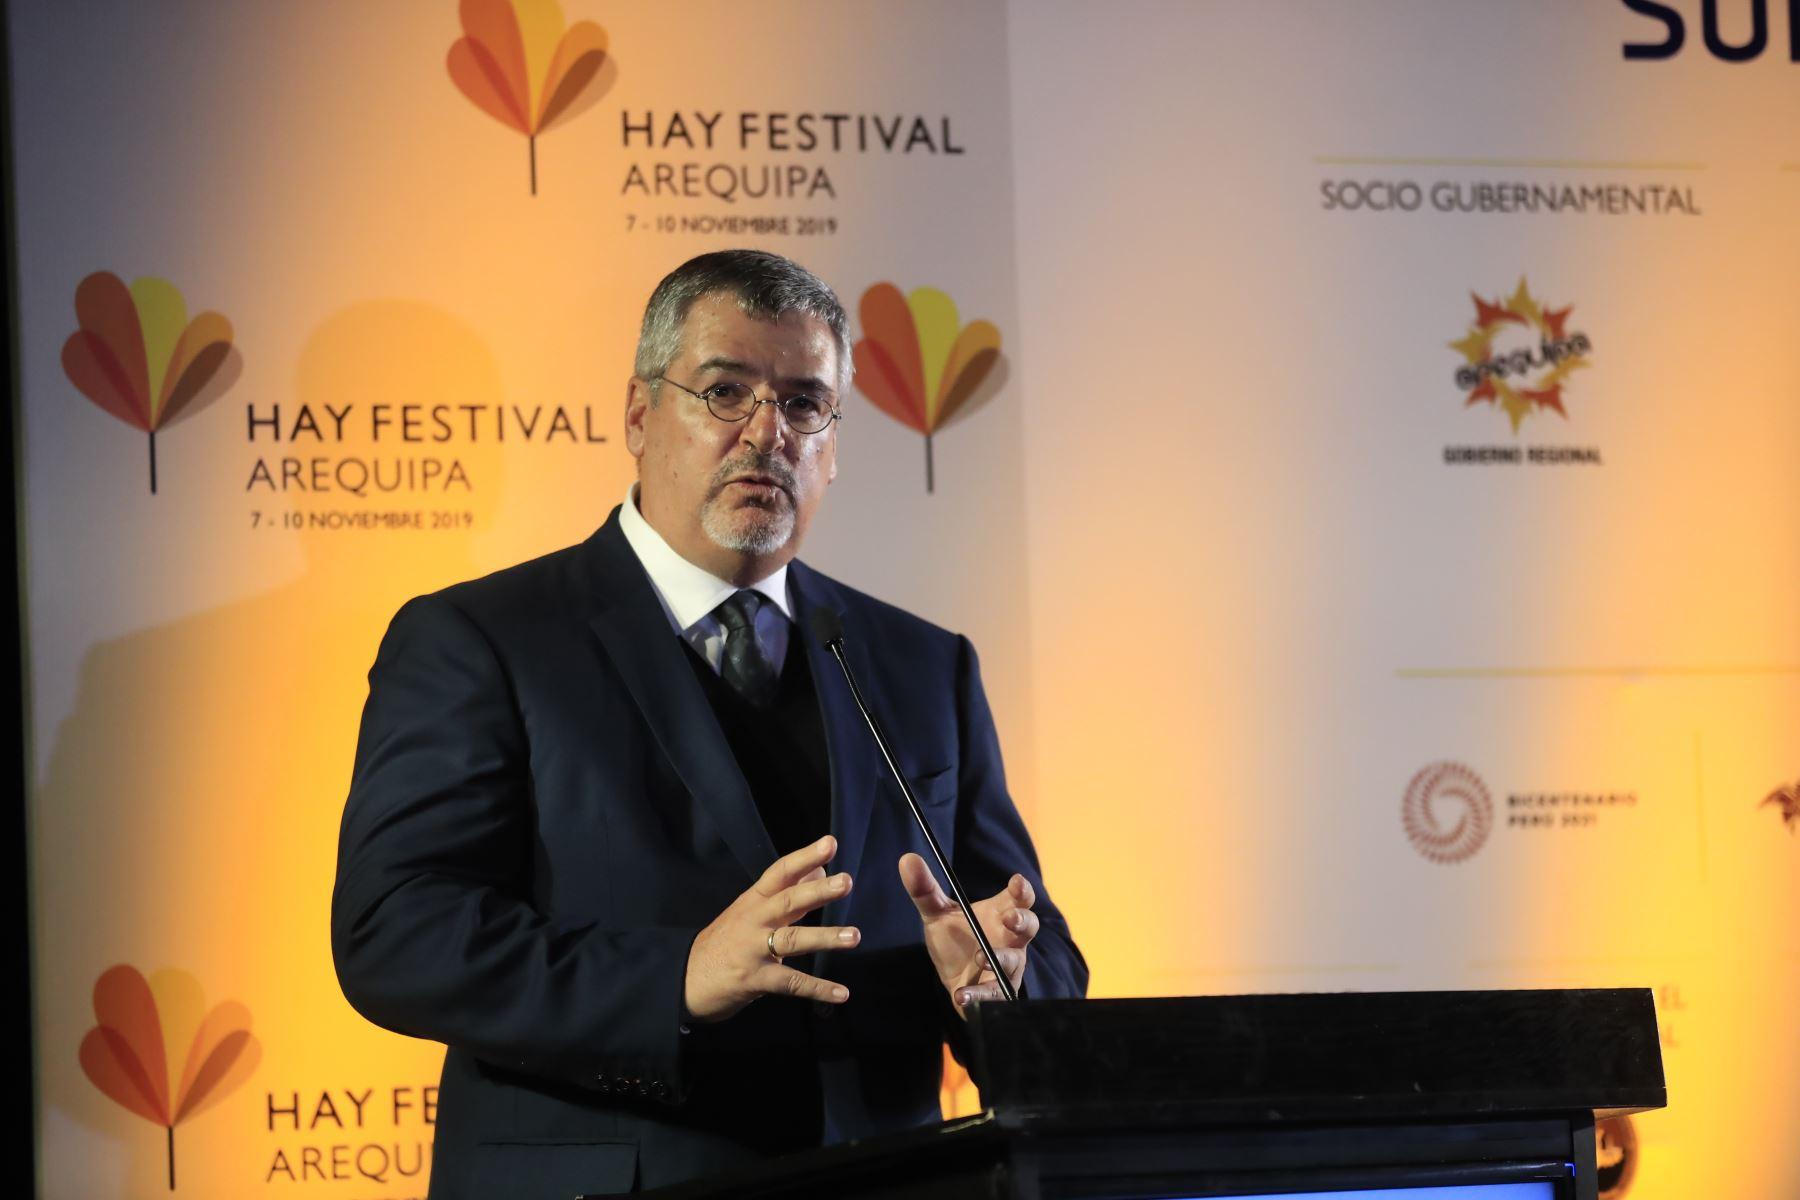 Ministro de Cultura Luis Jaime Castillo, durante el lanzamiento del Hay Festival.  Foto: Andina/Juan Carlos Guzman Negrini